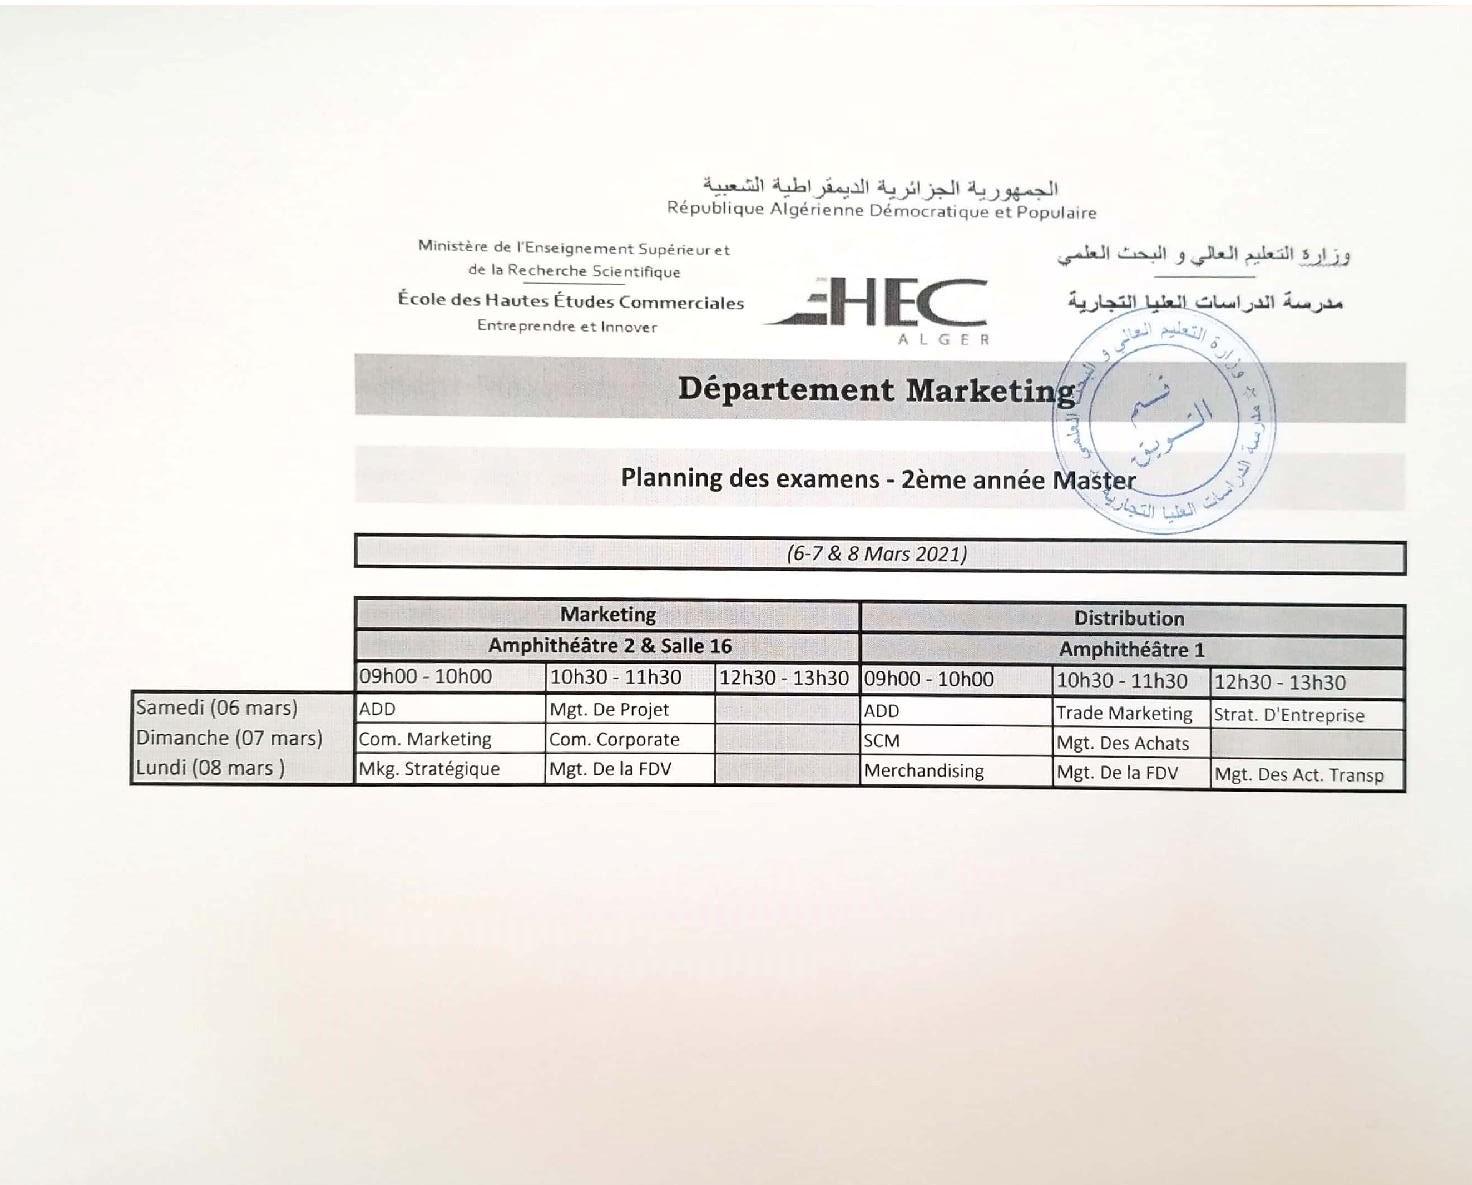 Planning des examens du premier semestre pour les étudiants en 2eme année Master Marketing